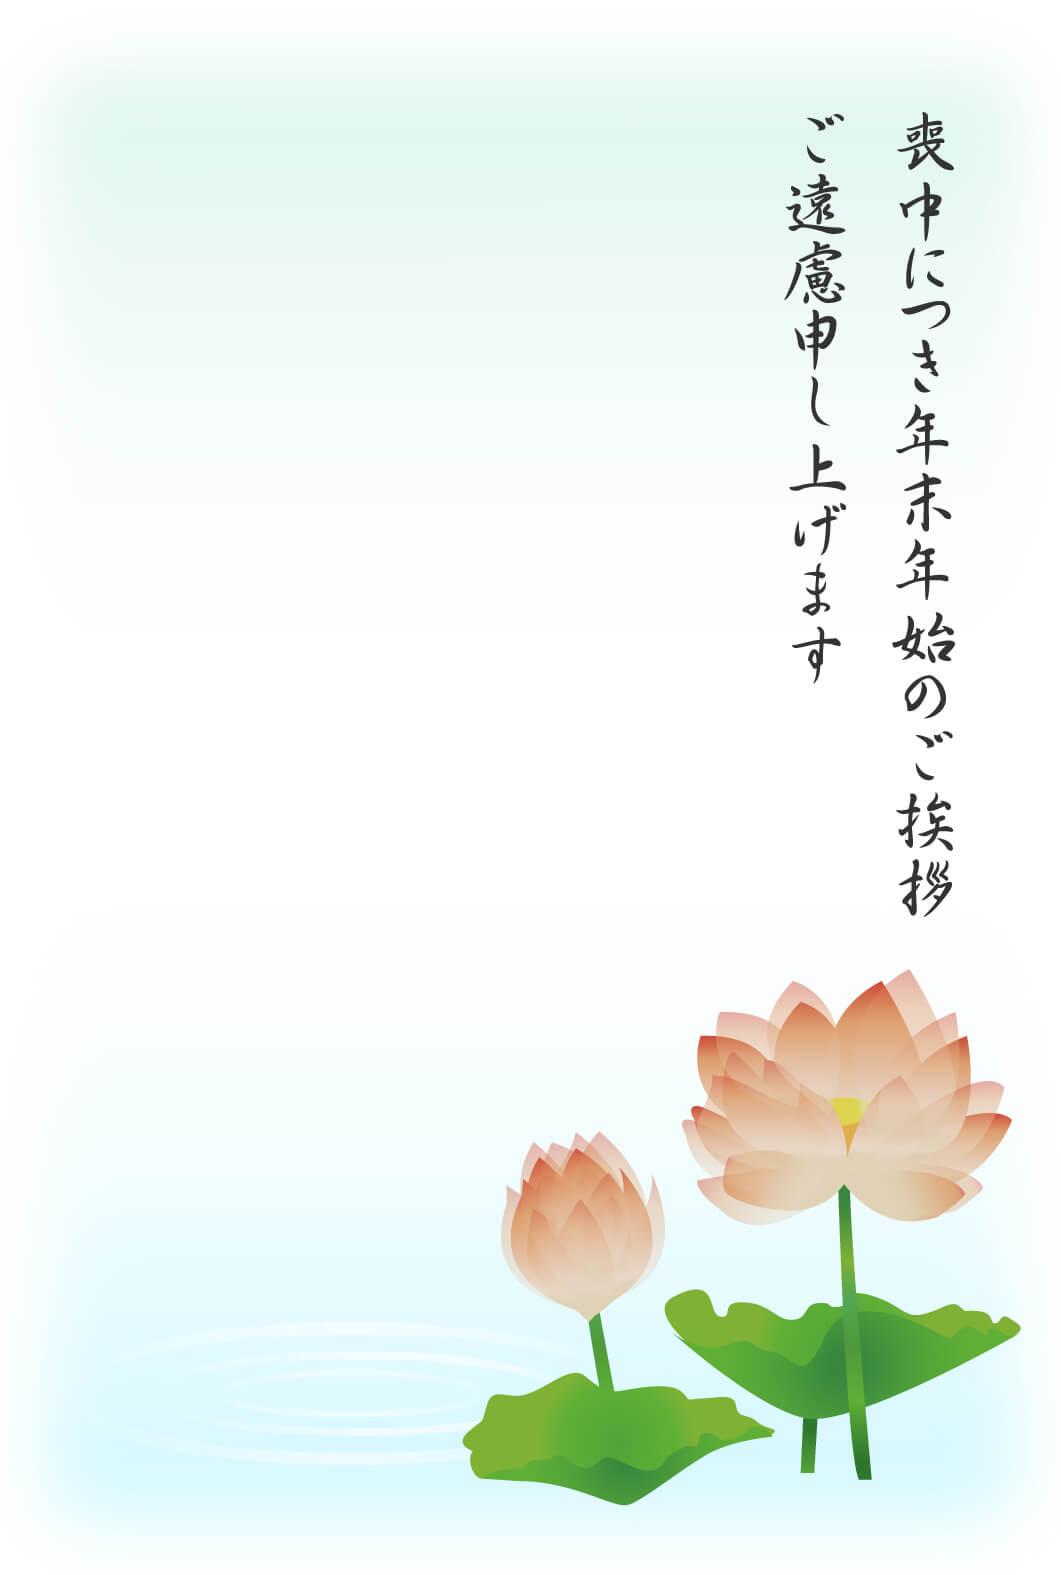 喪中ハガキ03